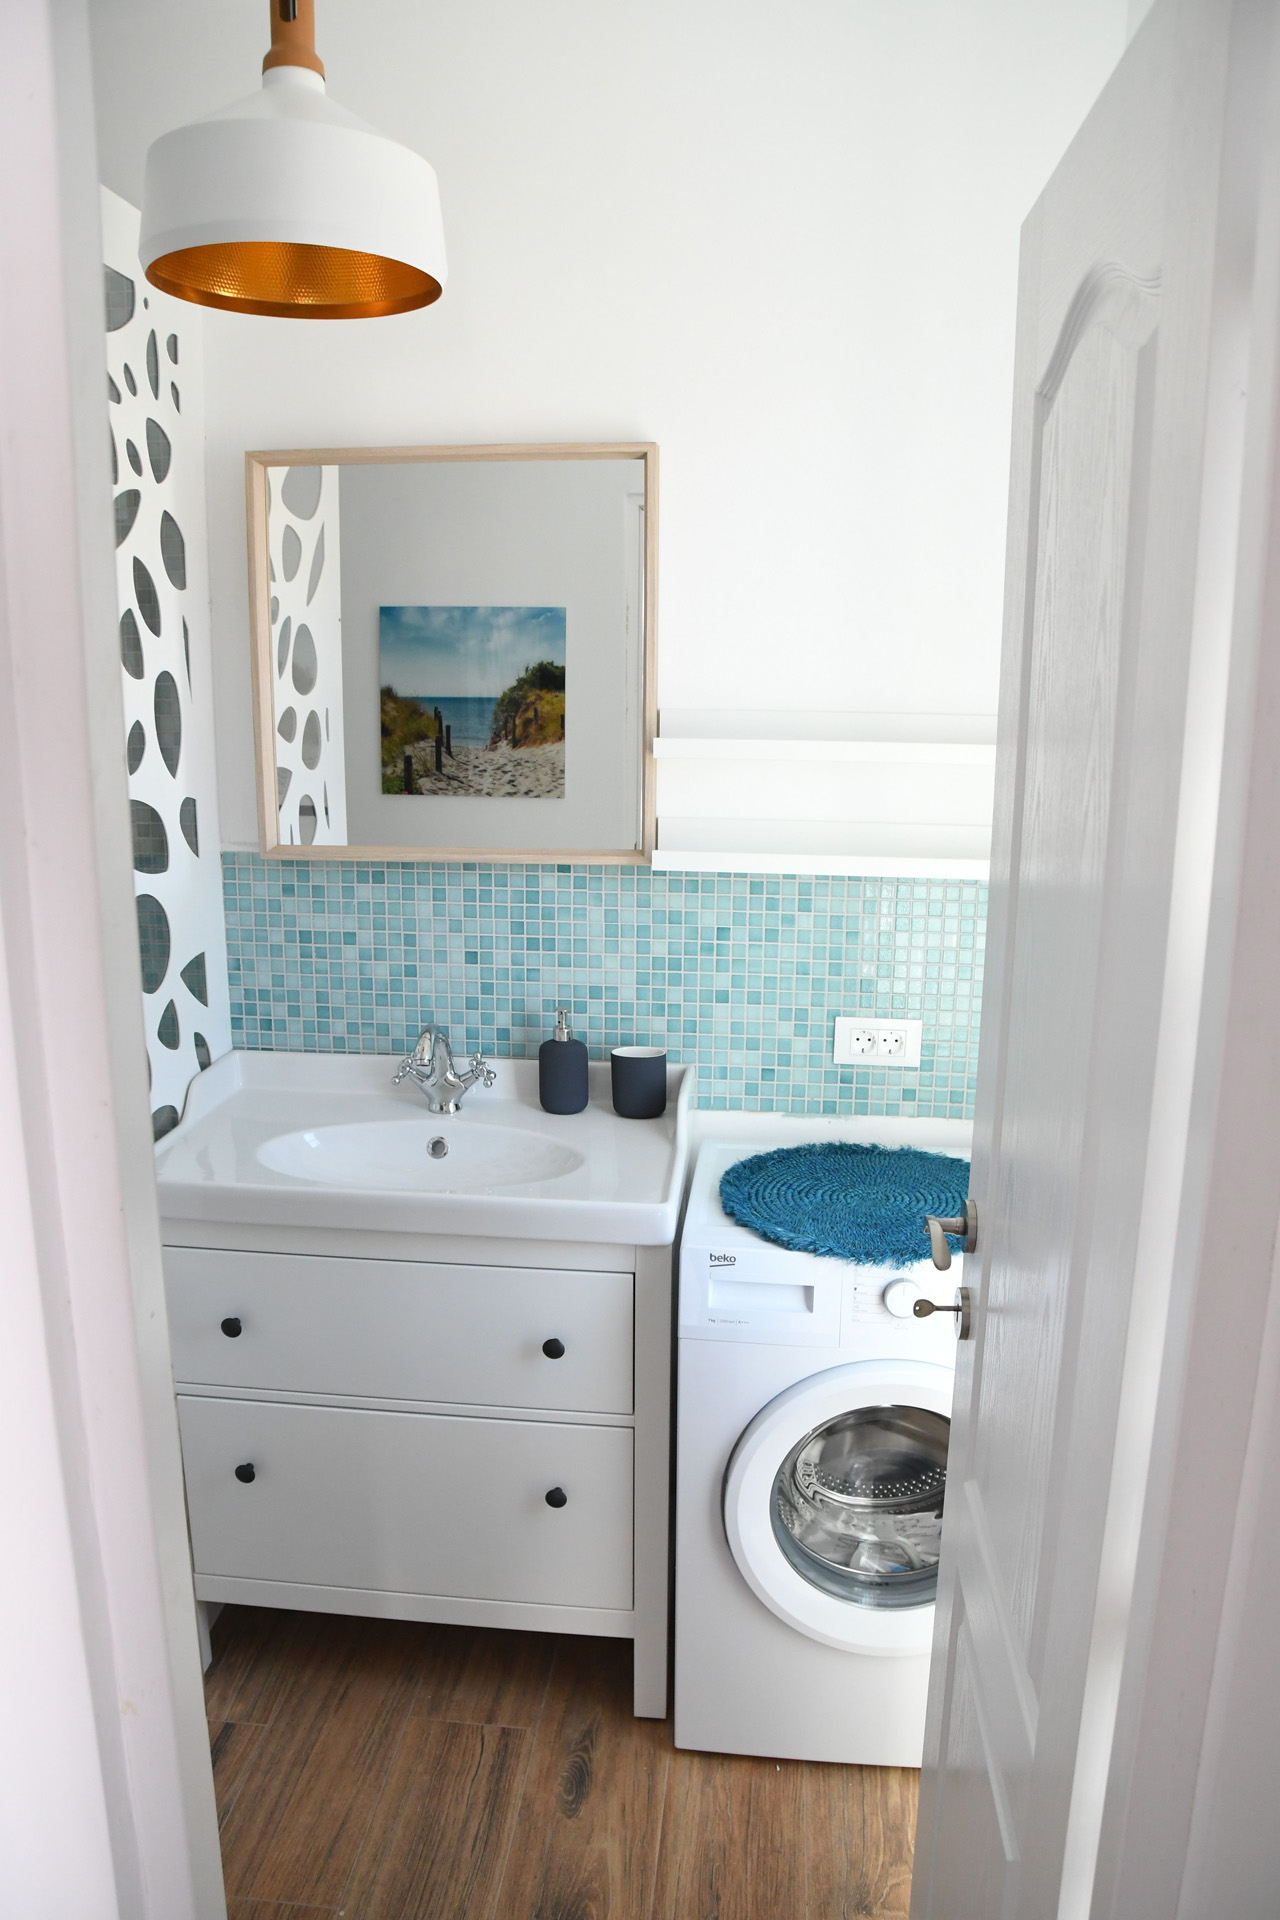 baie casă mobilă